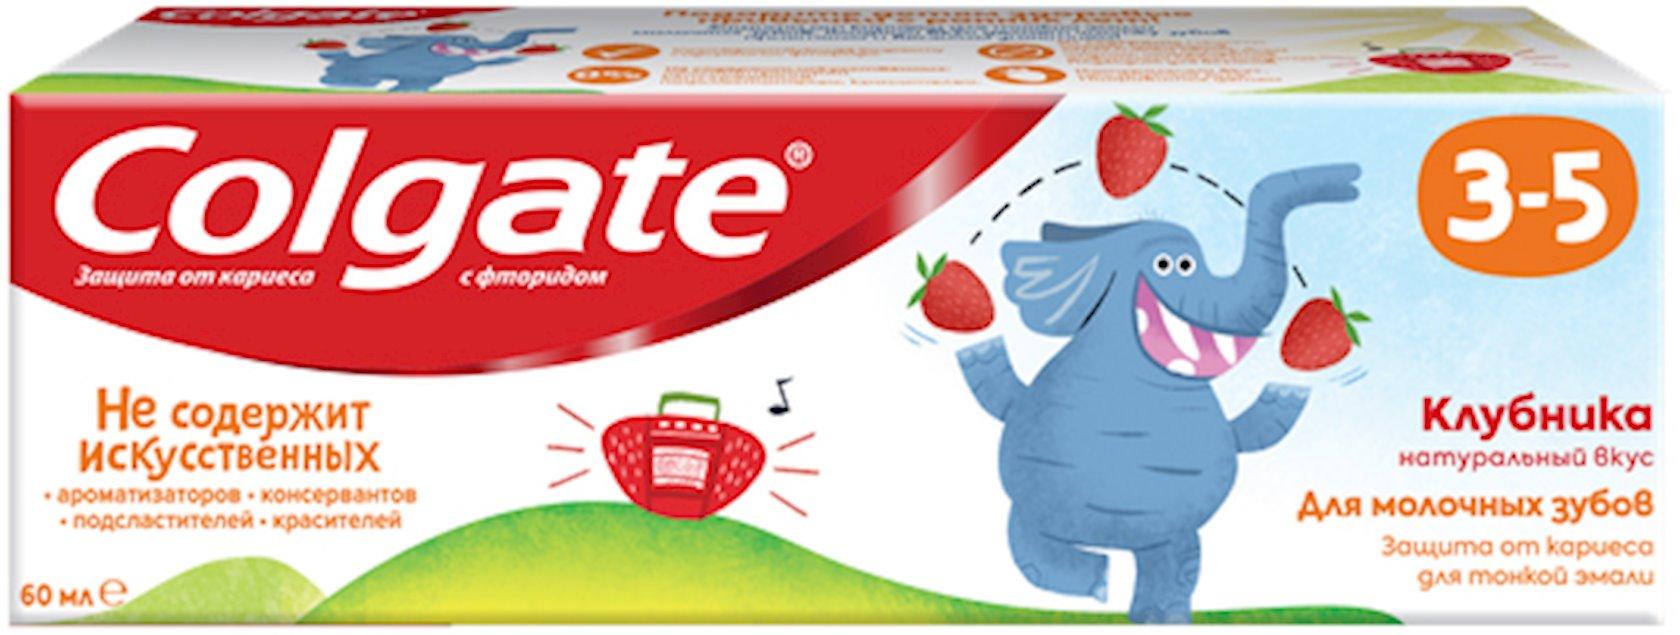 Uşaqlar üçün diş pastası Colgate Çiyələk ftor ilə 3-5 yaş arası 60 qr.